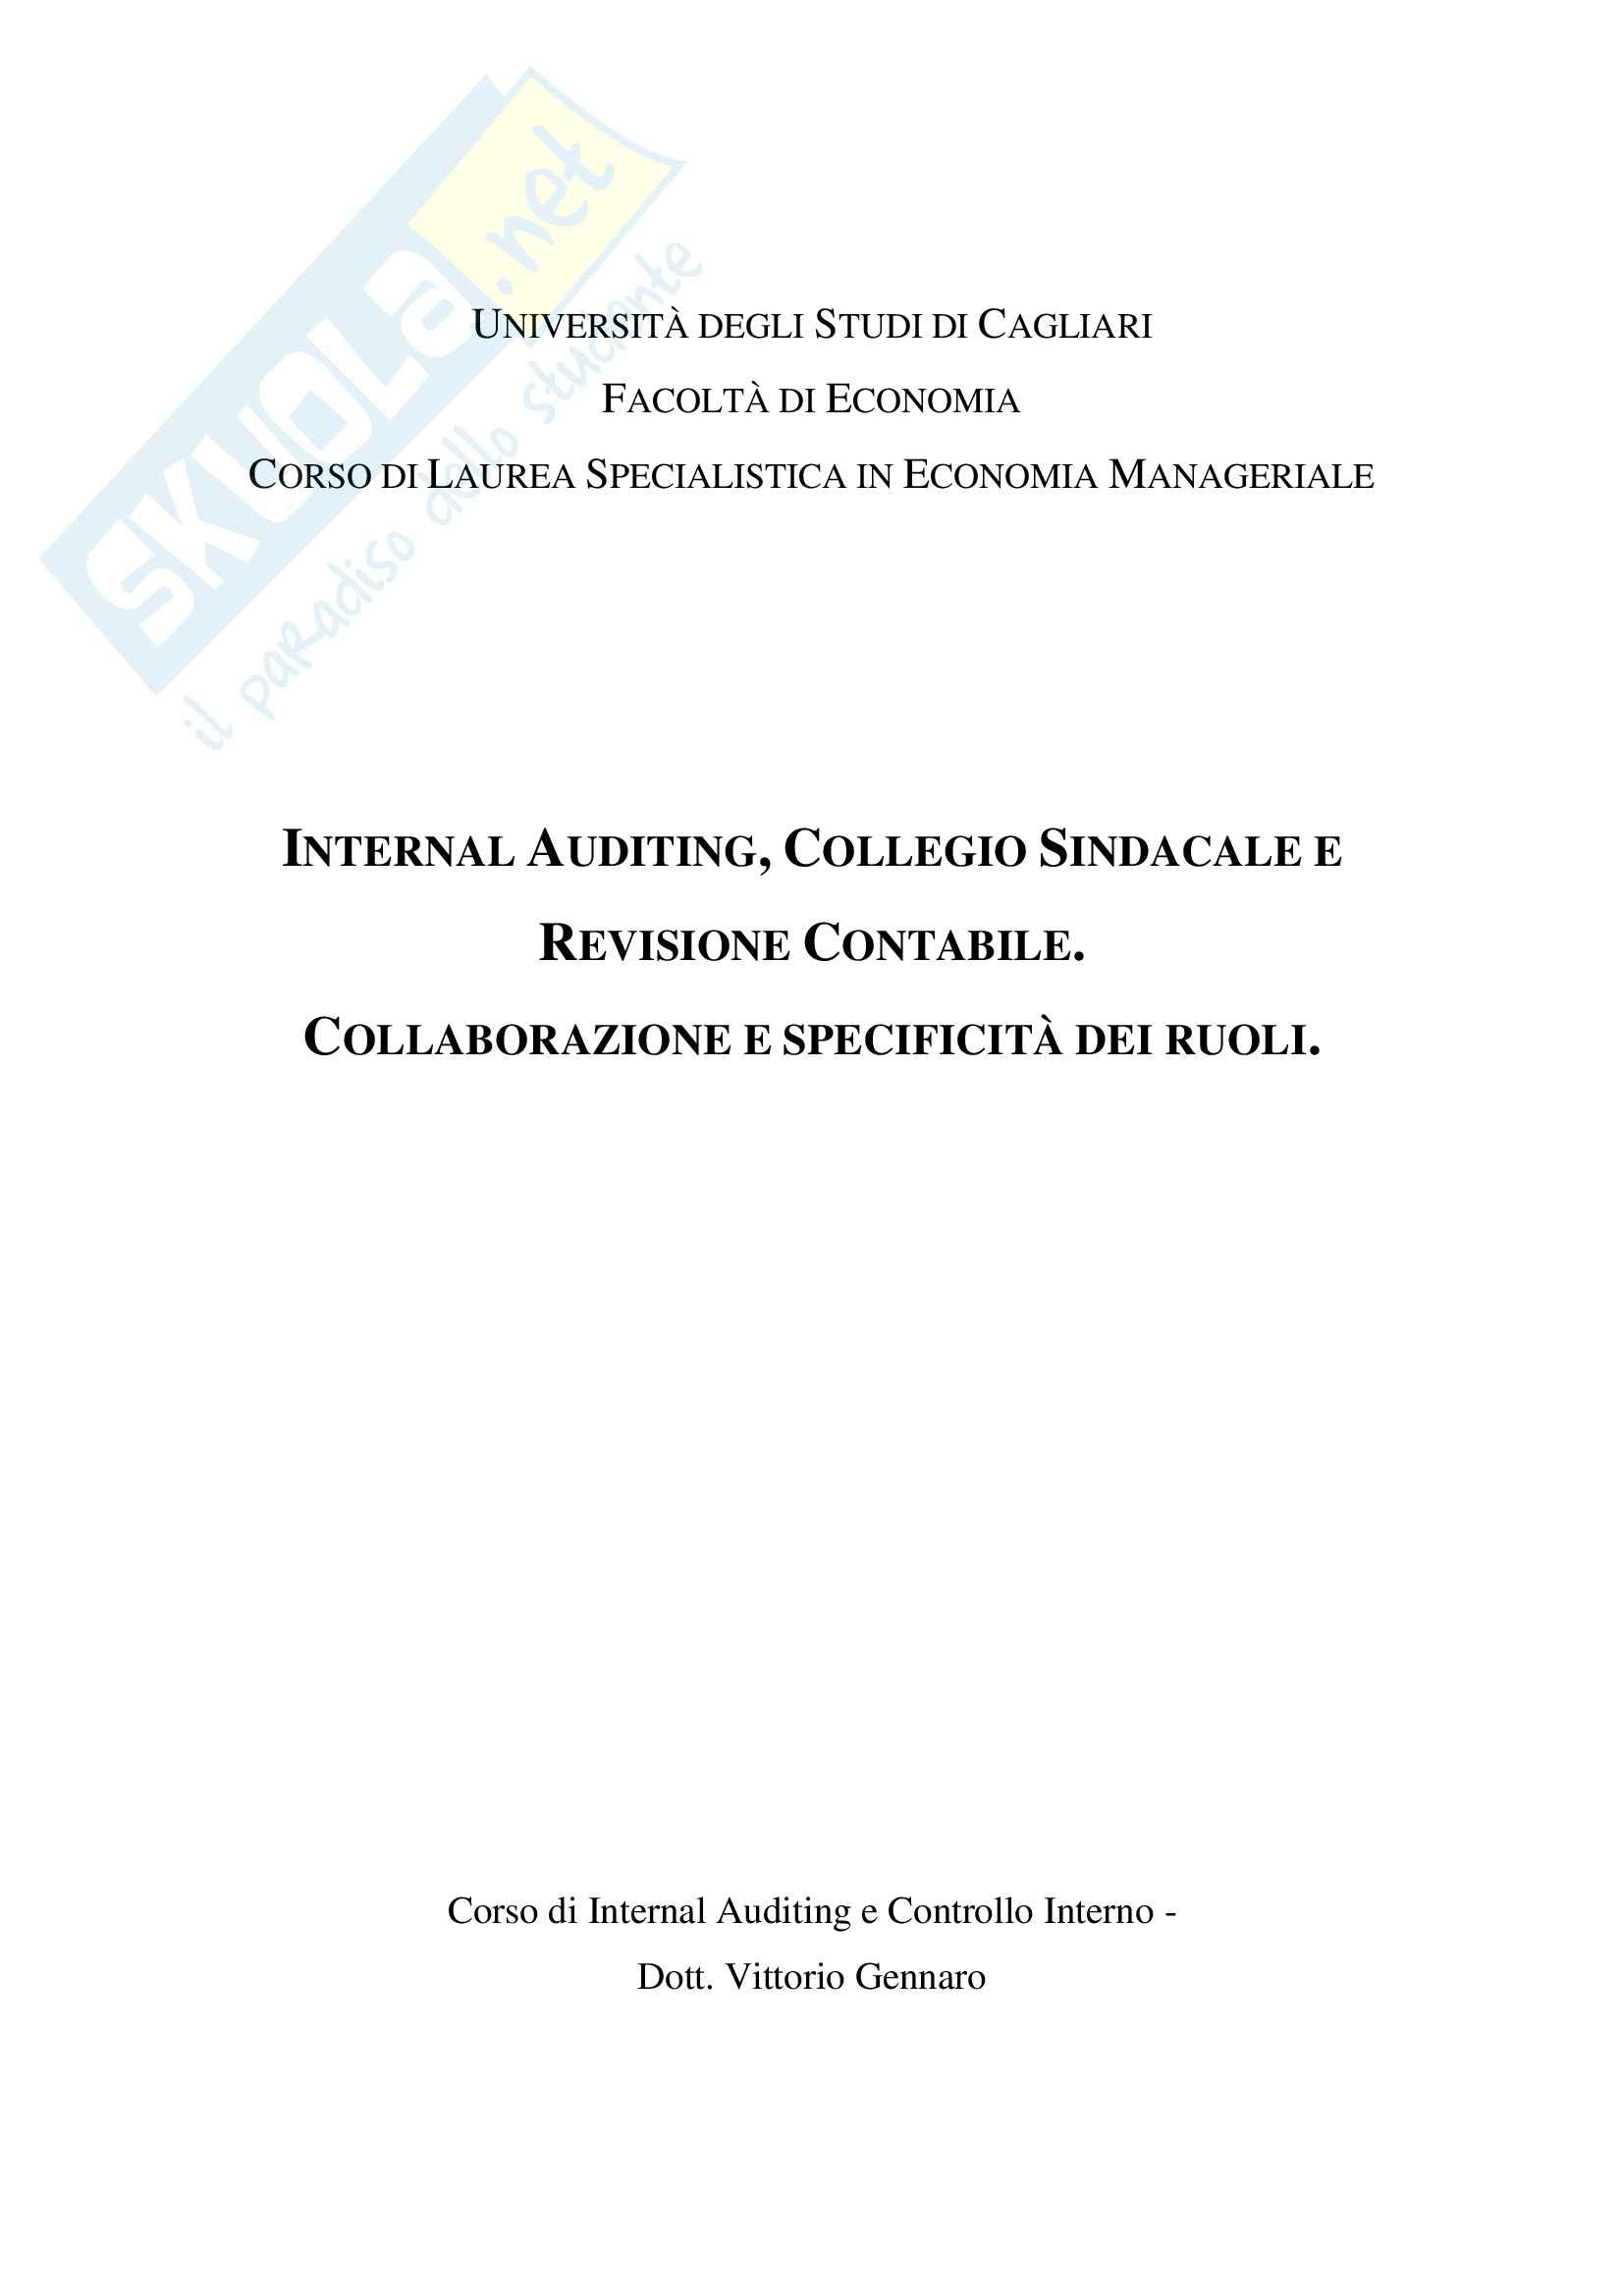 Internal Auditing e Controllo Interno - Appunti